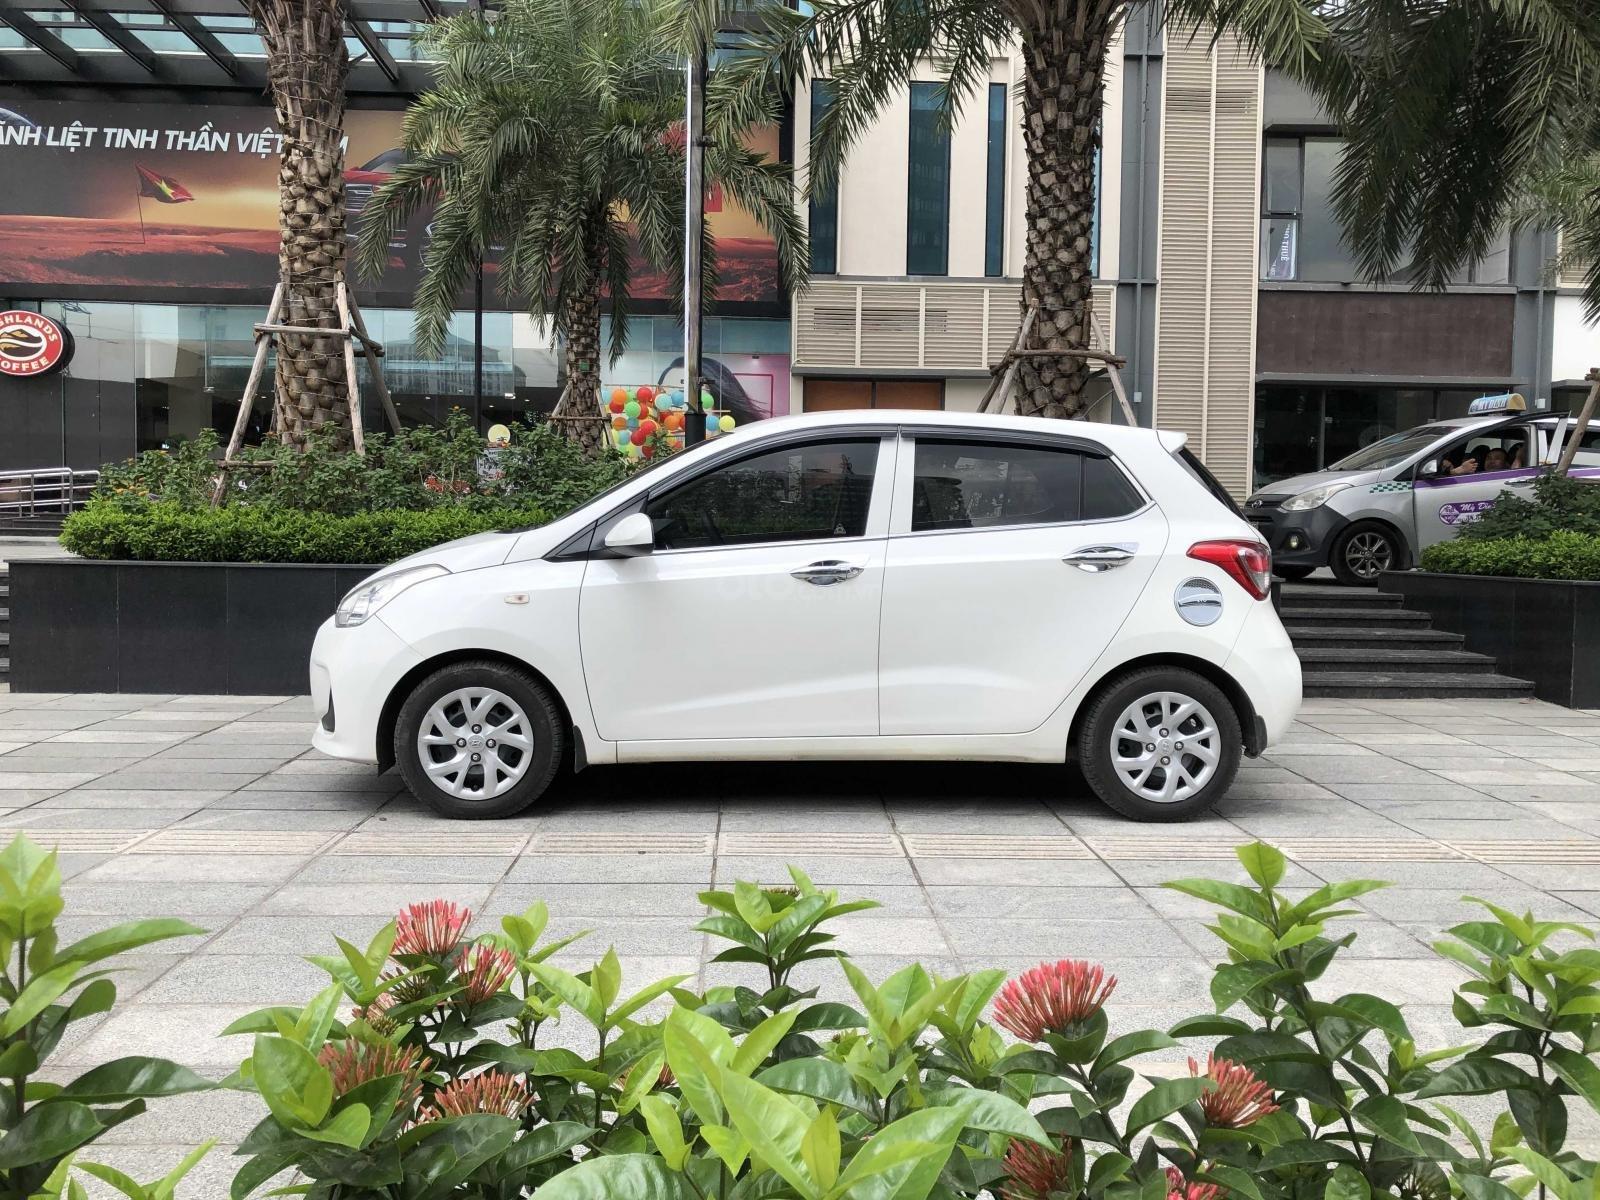 Bán ô tô Hyundai Grand i10, đăng ký 2017, màu trắng xe nhập. Giá chỉ 265 triệu đồng (1)